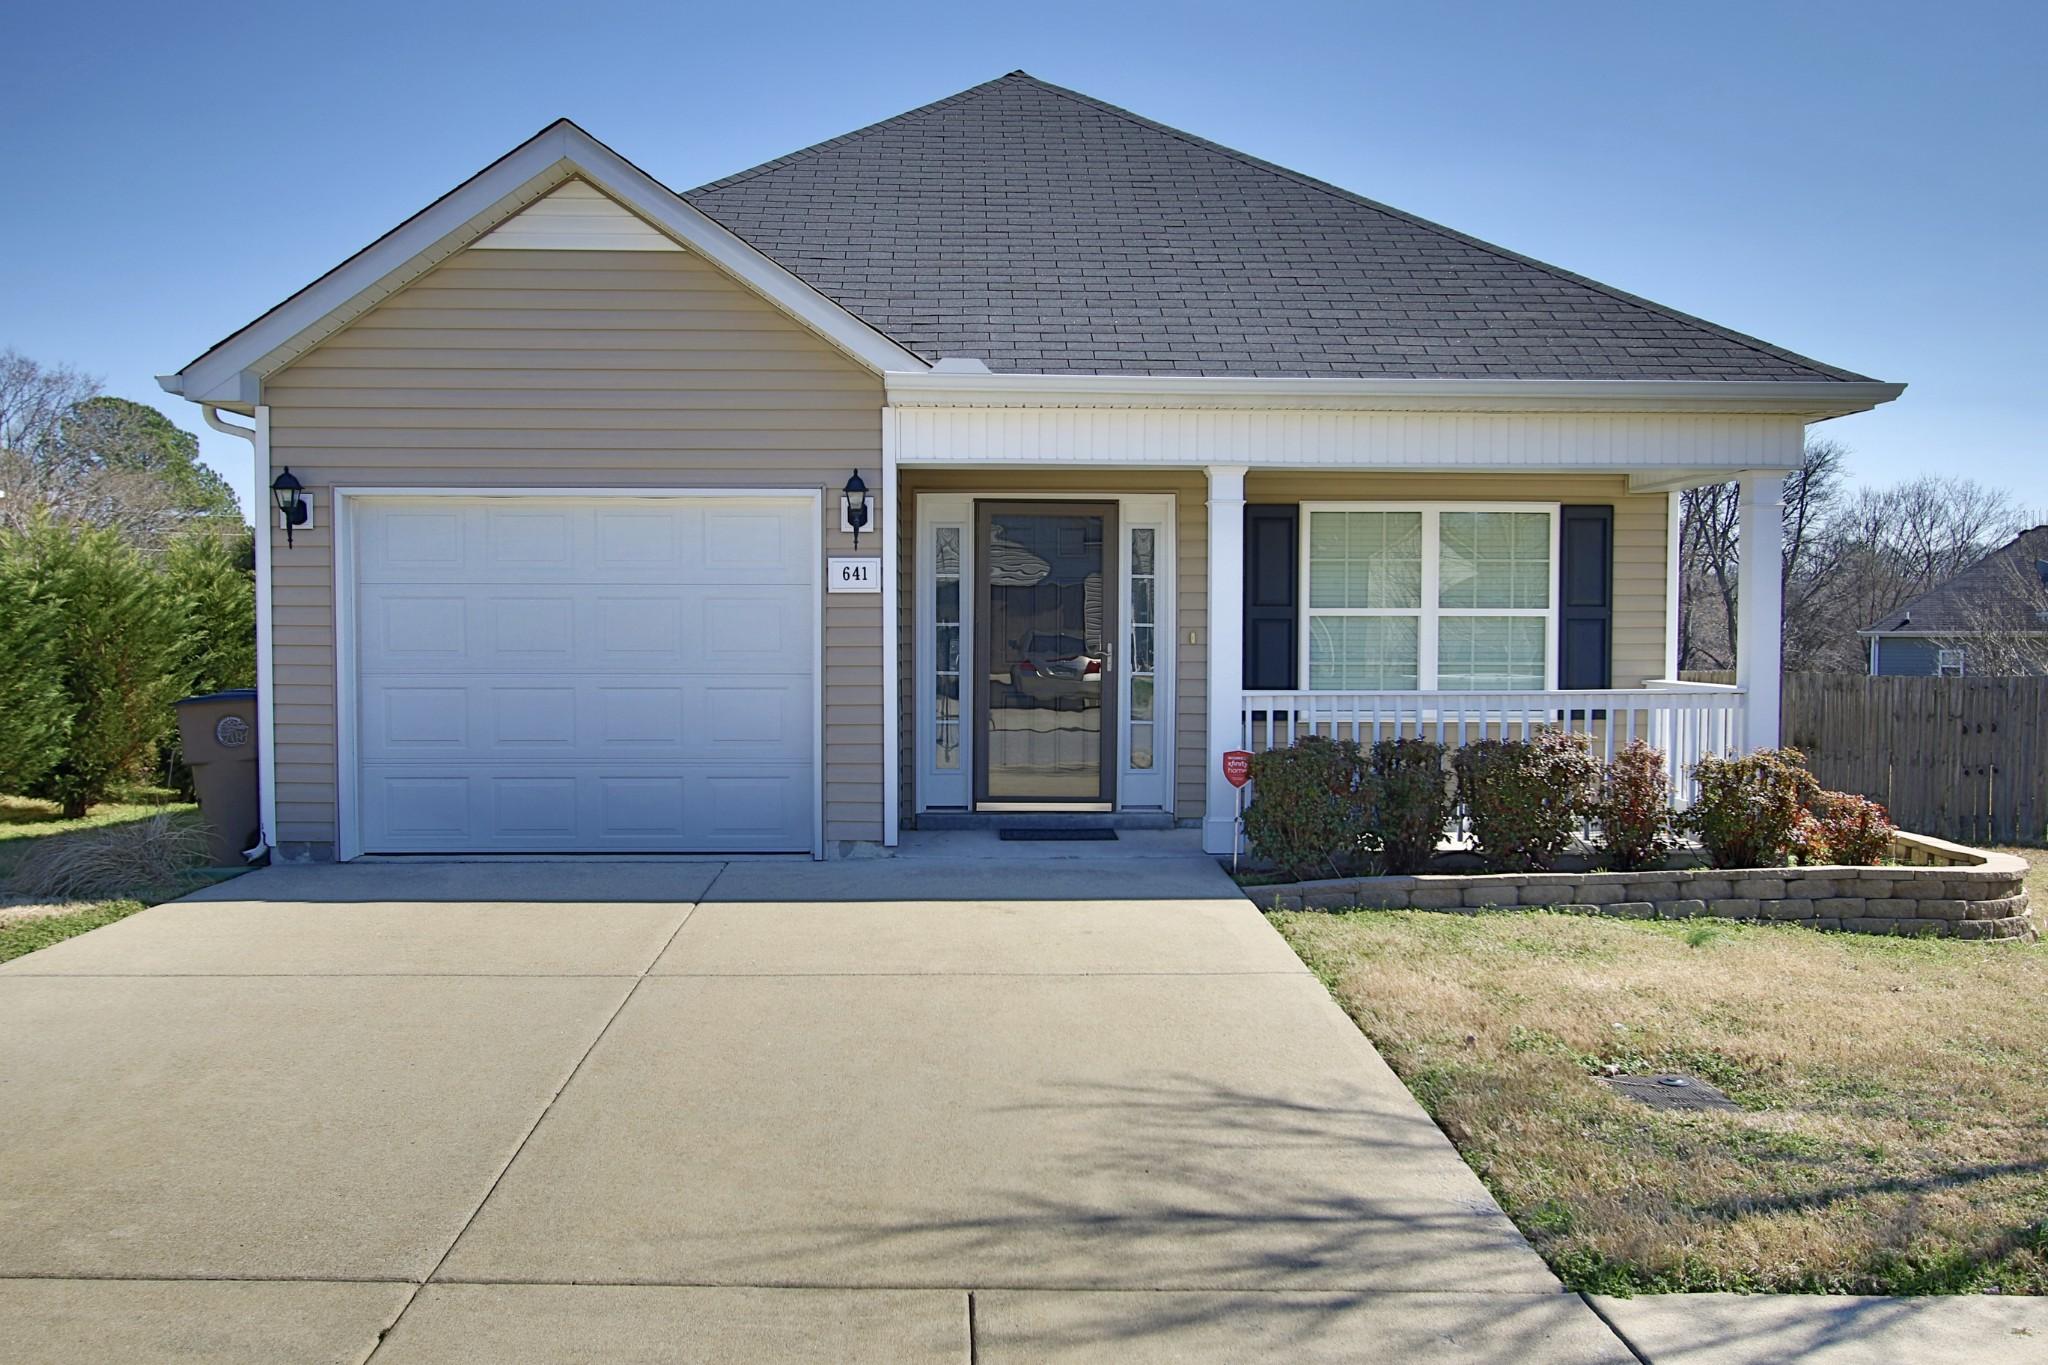 641 Hays Blackman Loop, Antioch, TN 37013 - Antioch, TN real estate listing